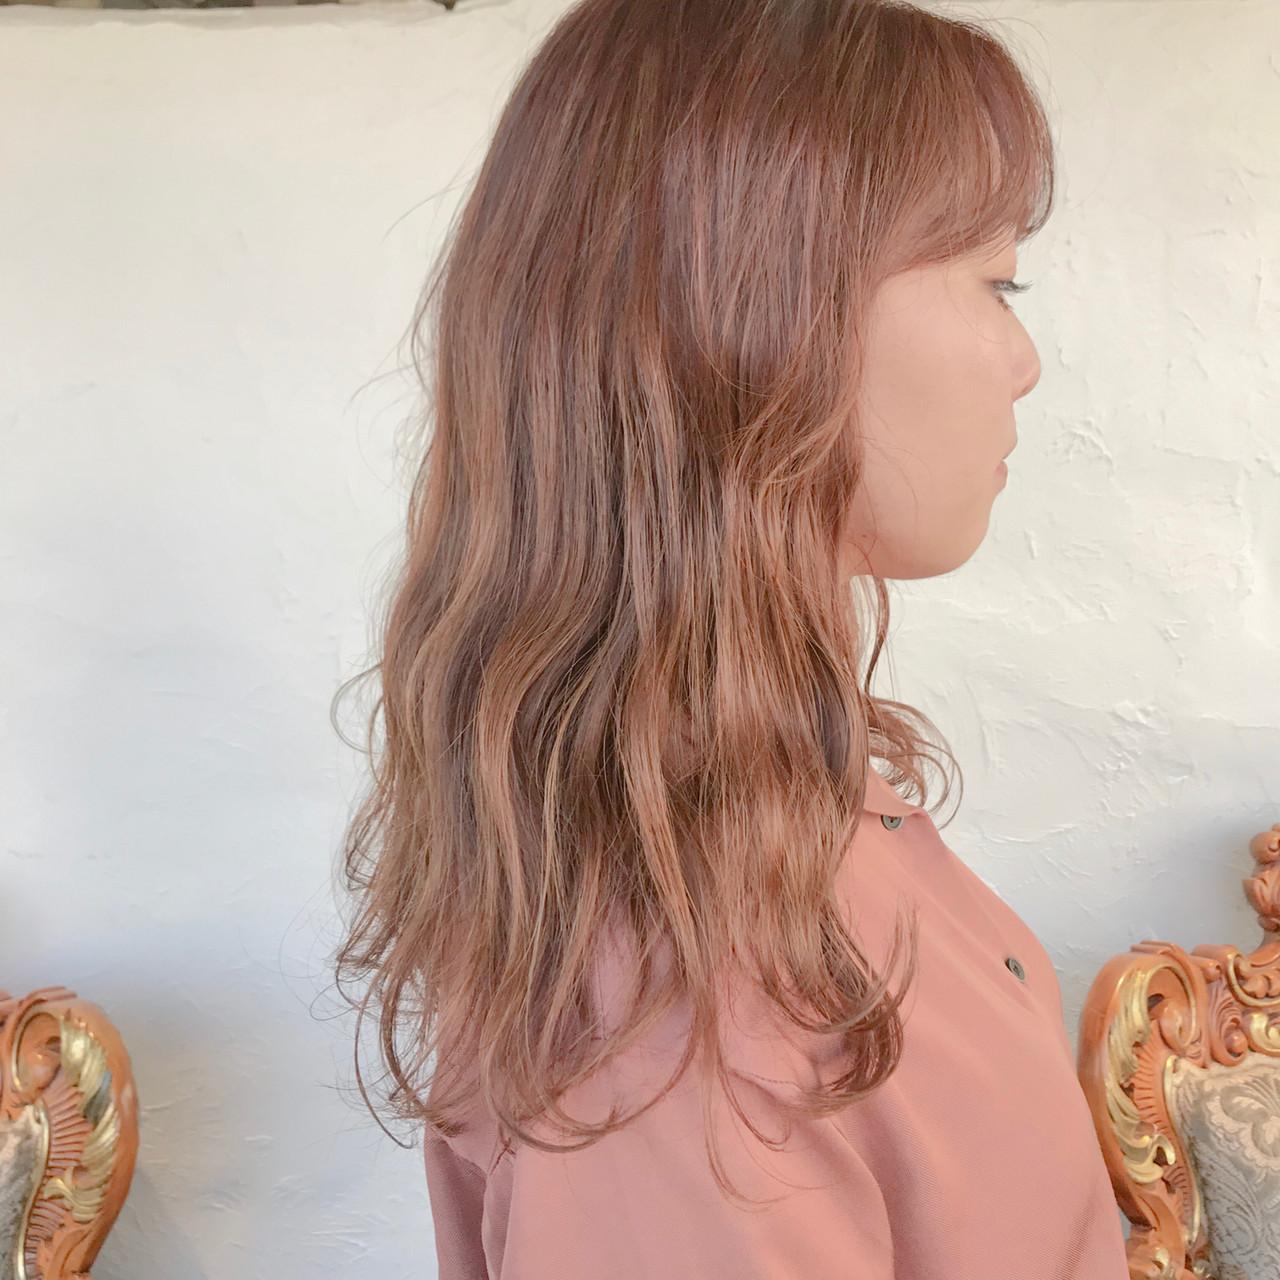 オレンジカラー オレンジベージュ ミルクグレージュ オレンジブラウン ヘアスタイルや髪型の写真・画像